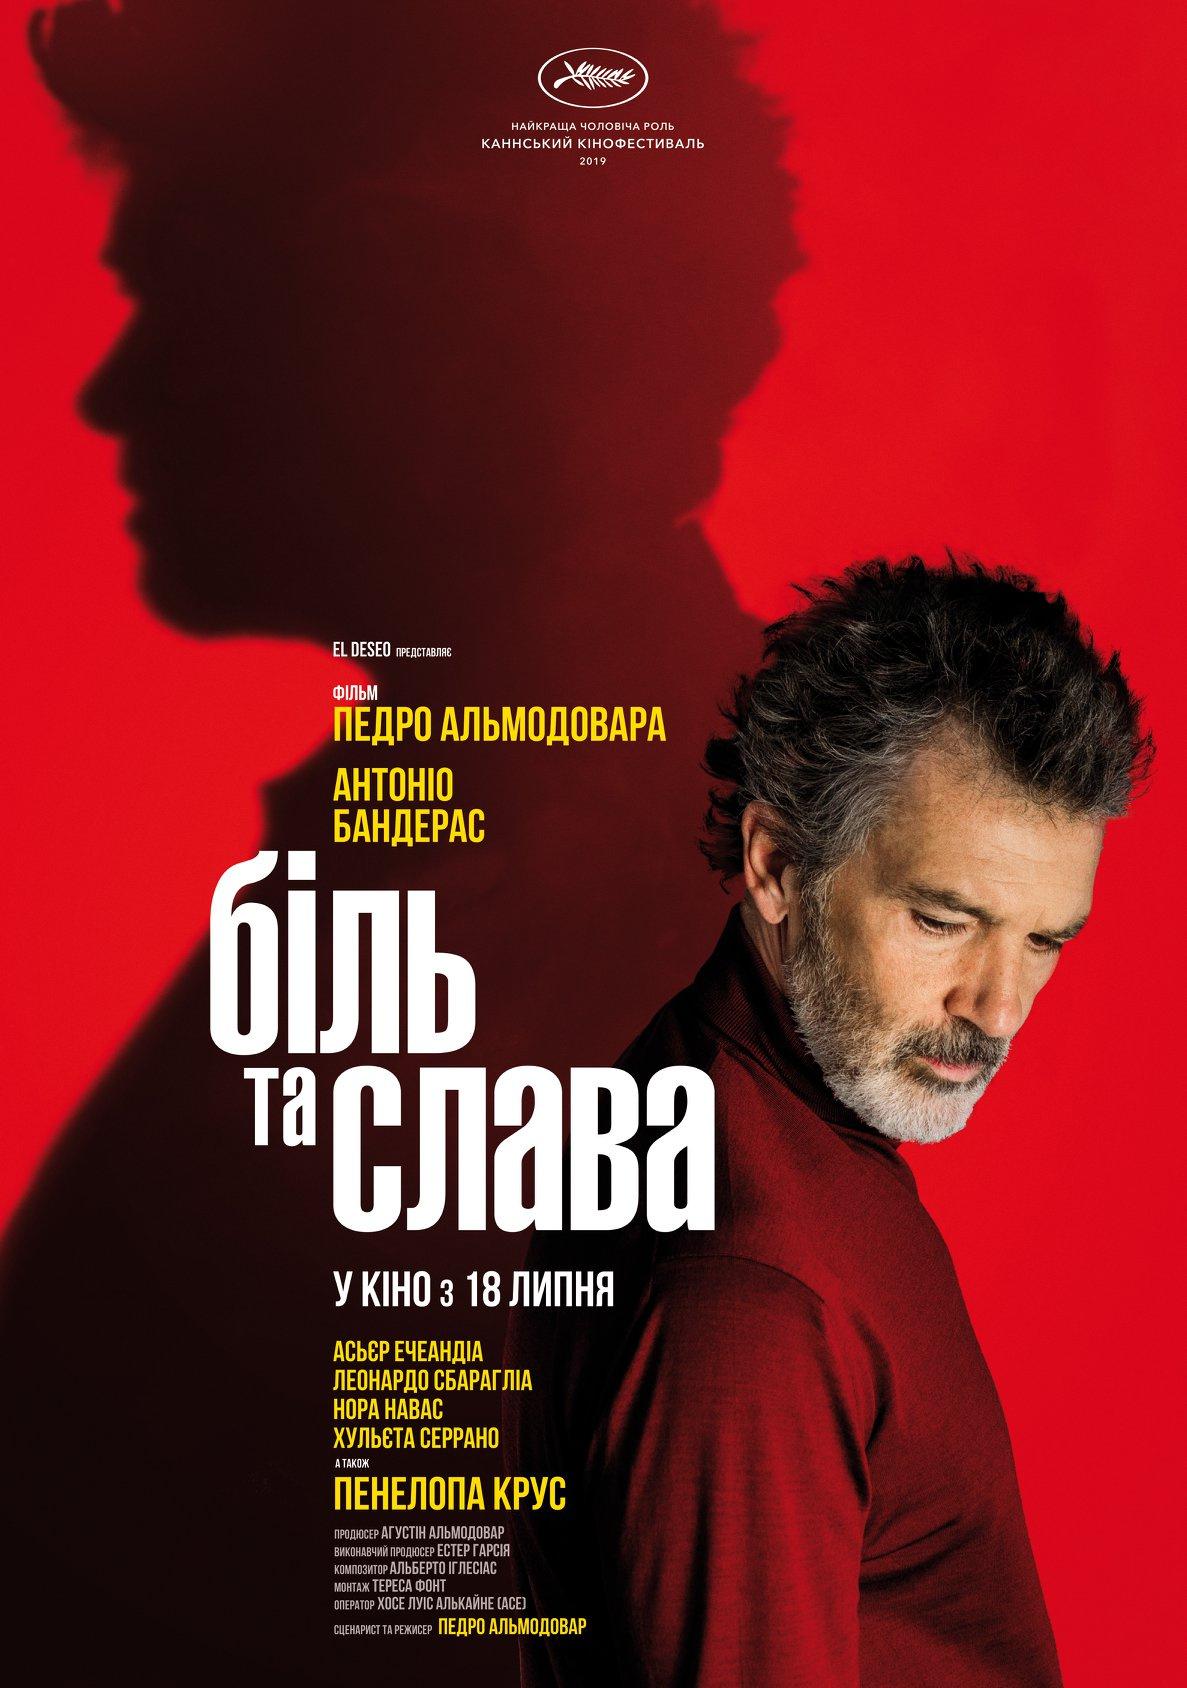 Фільм Педро Альмодовара отримав перемогу на премії